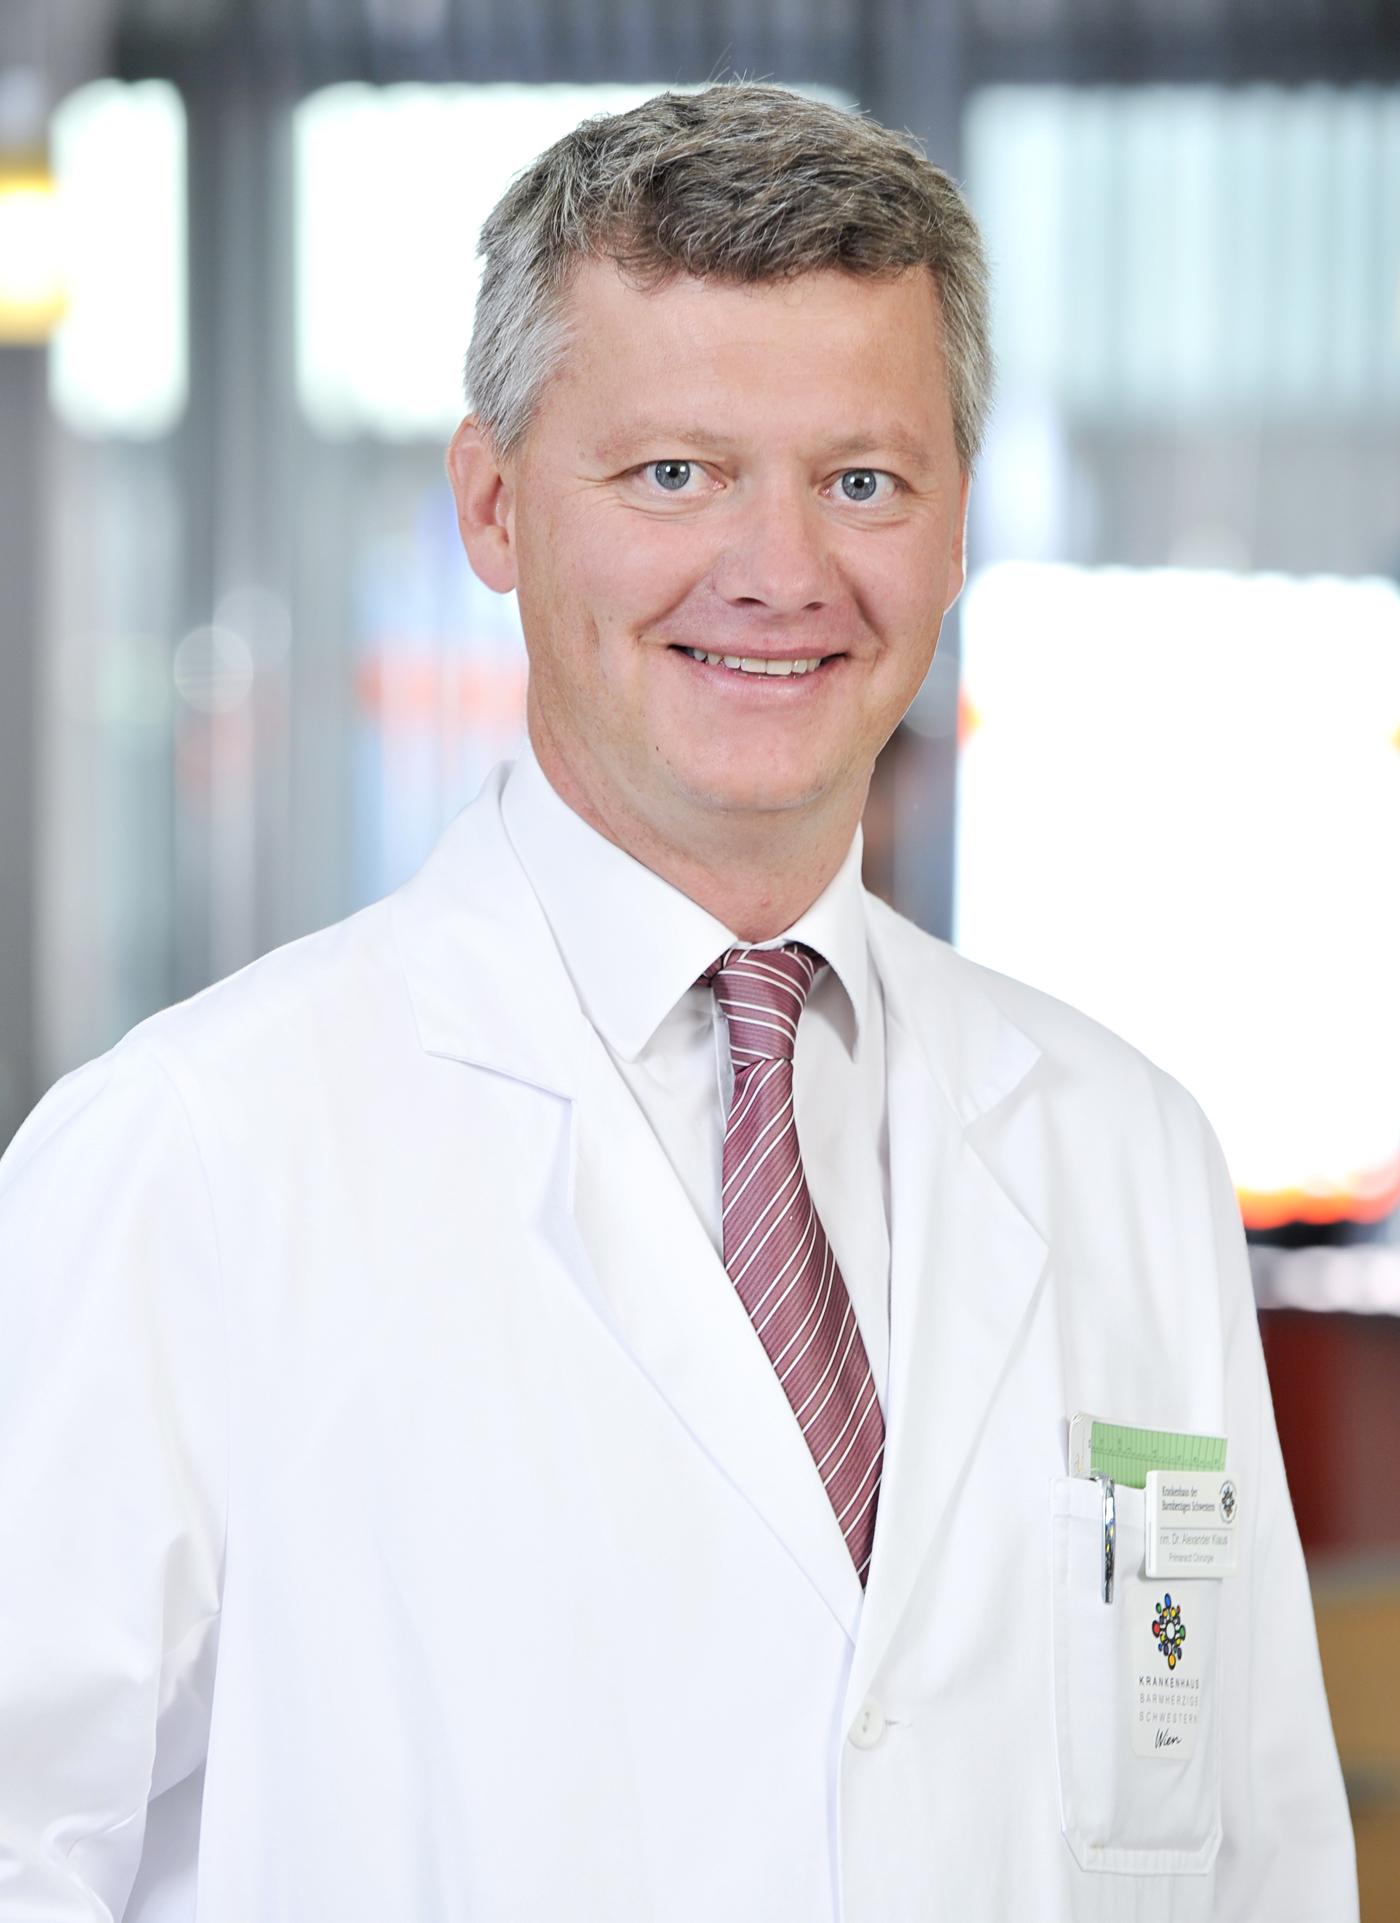 Prim. Univ.-Prof. Mag. Dr. Alexander Klaus, FACS, Leiter der Abteilung für Allgemein- und Viszeralchirurgie am Barmherzige Schwestern Krankenhaus Wien Credit: BHS Wien / Robert Herbst